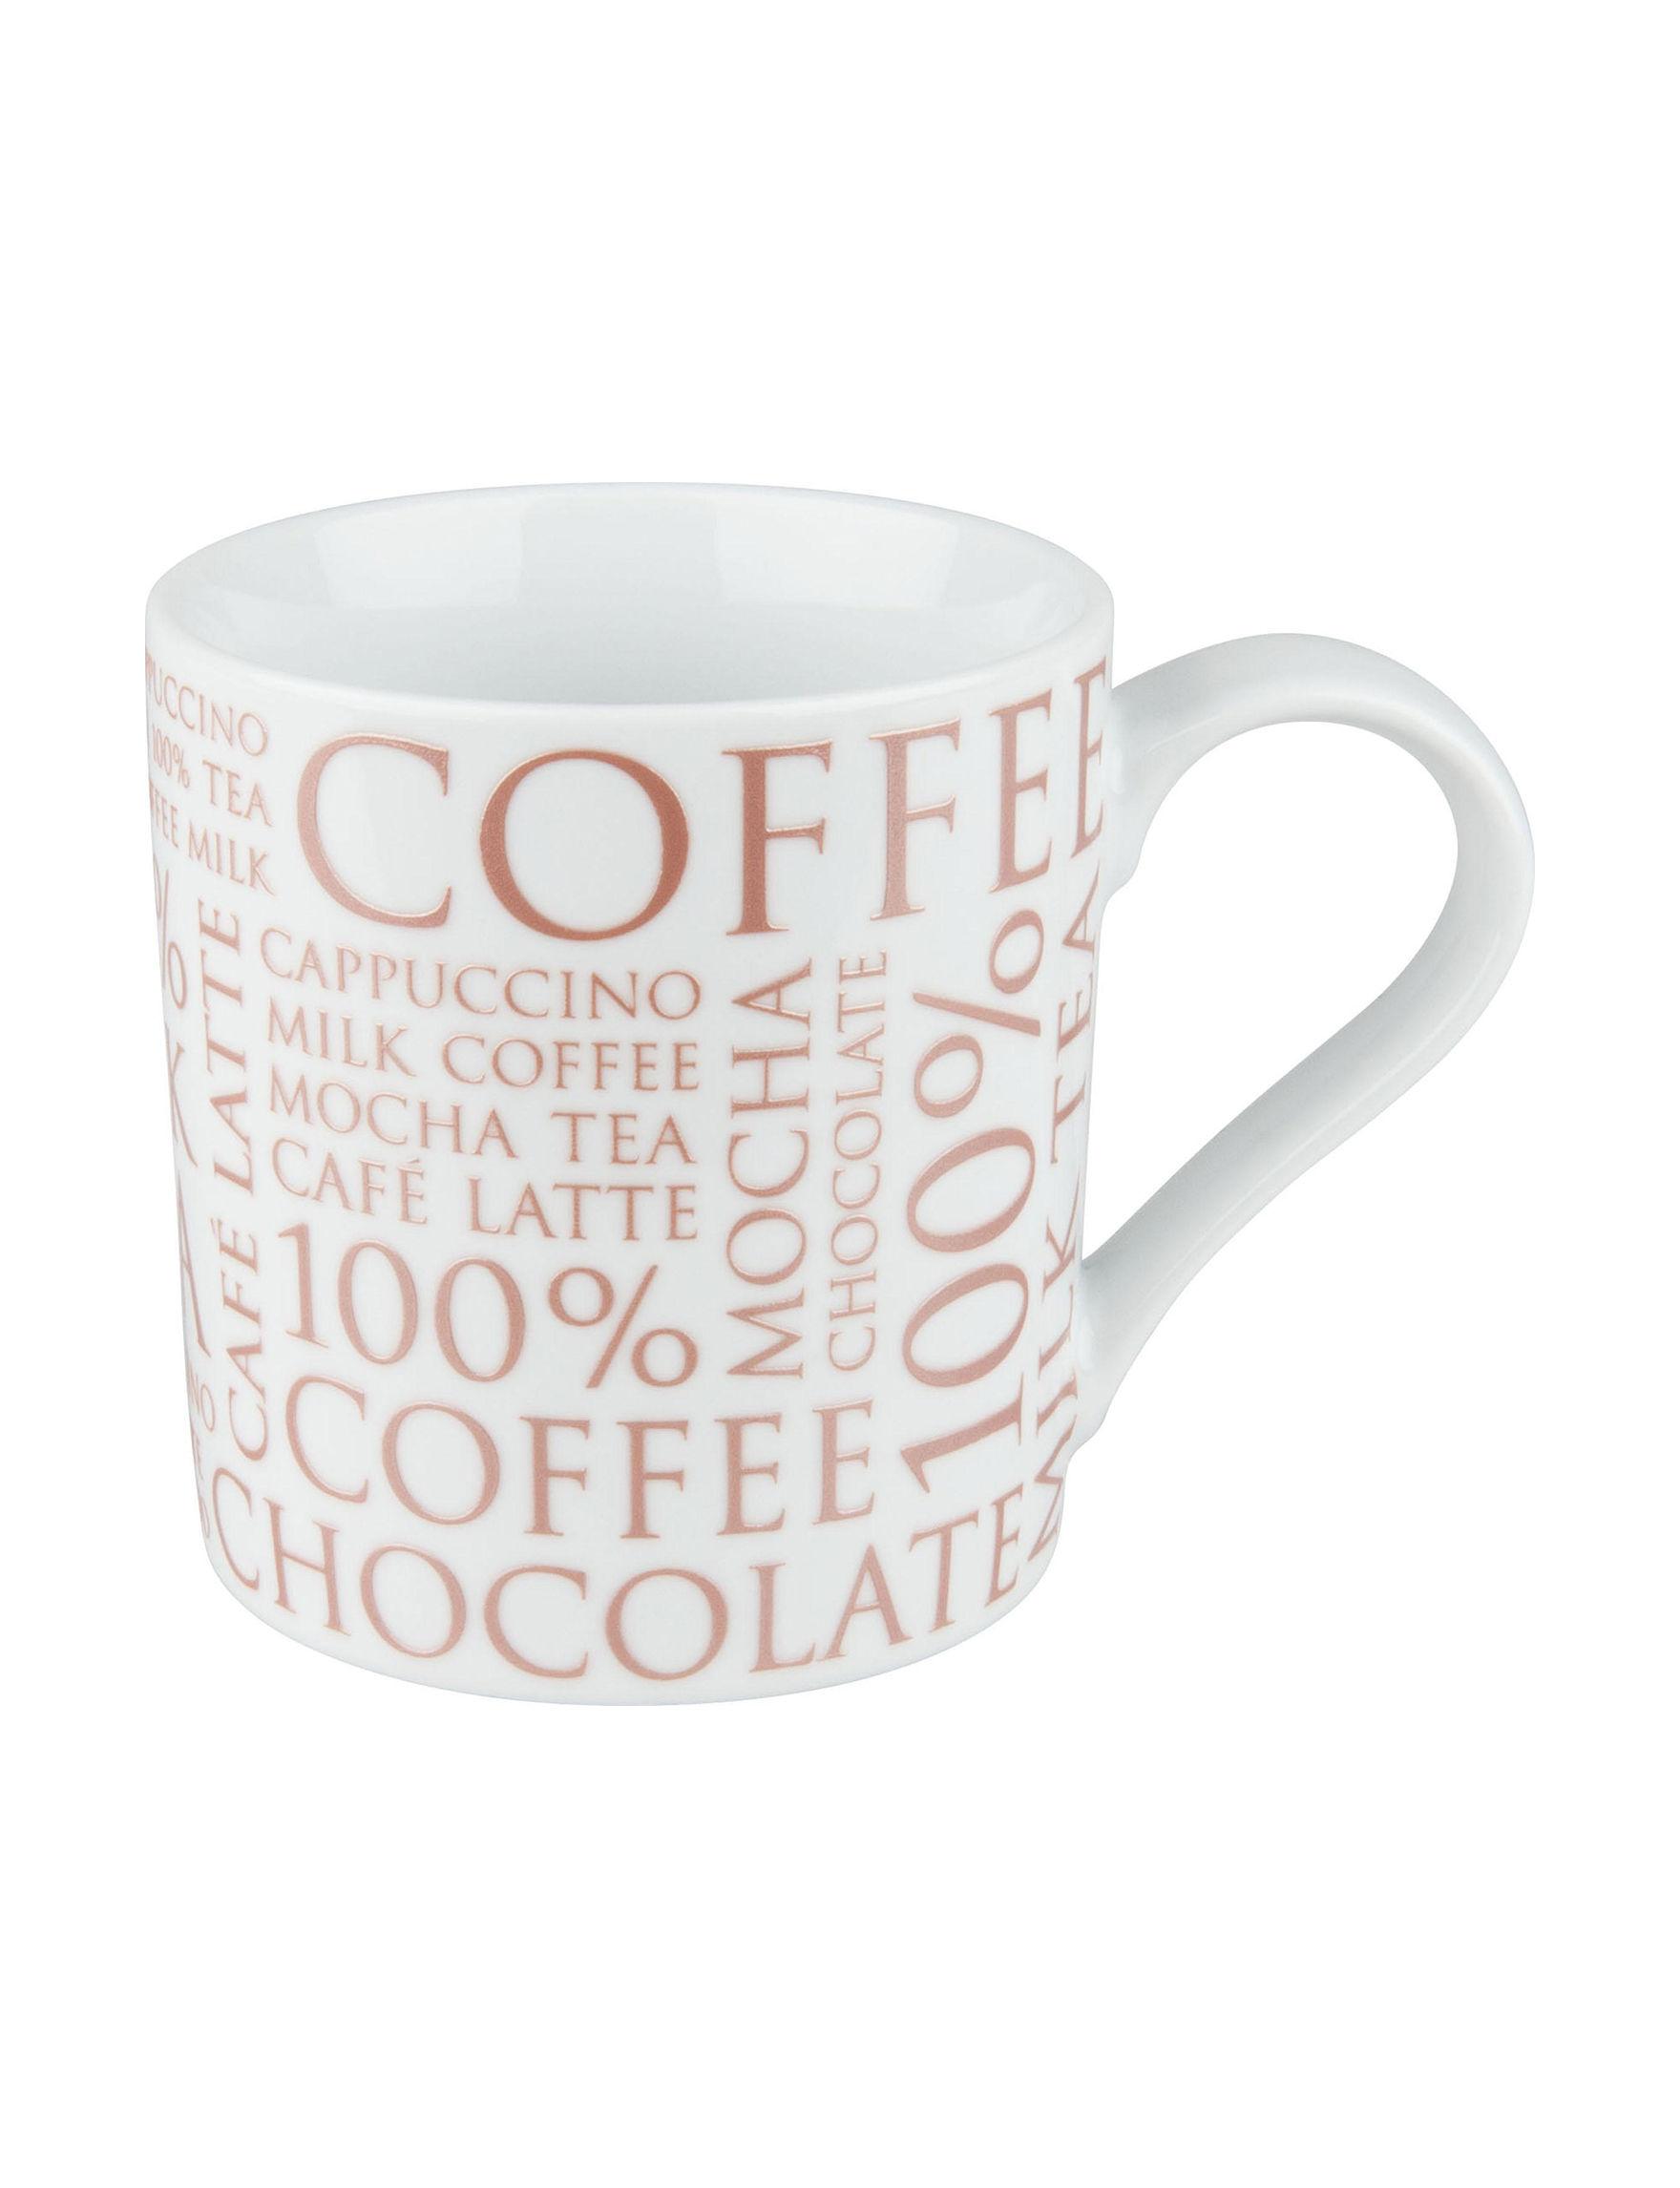 Konitz White Drinkware Sets Mugs Drinkware